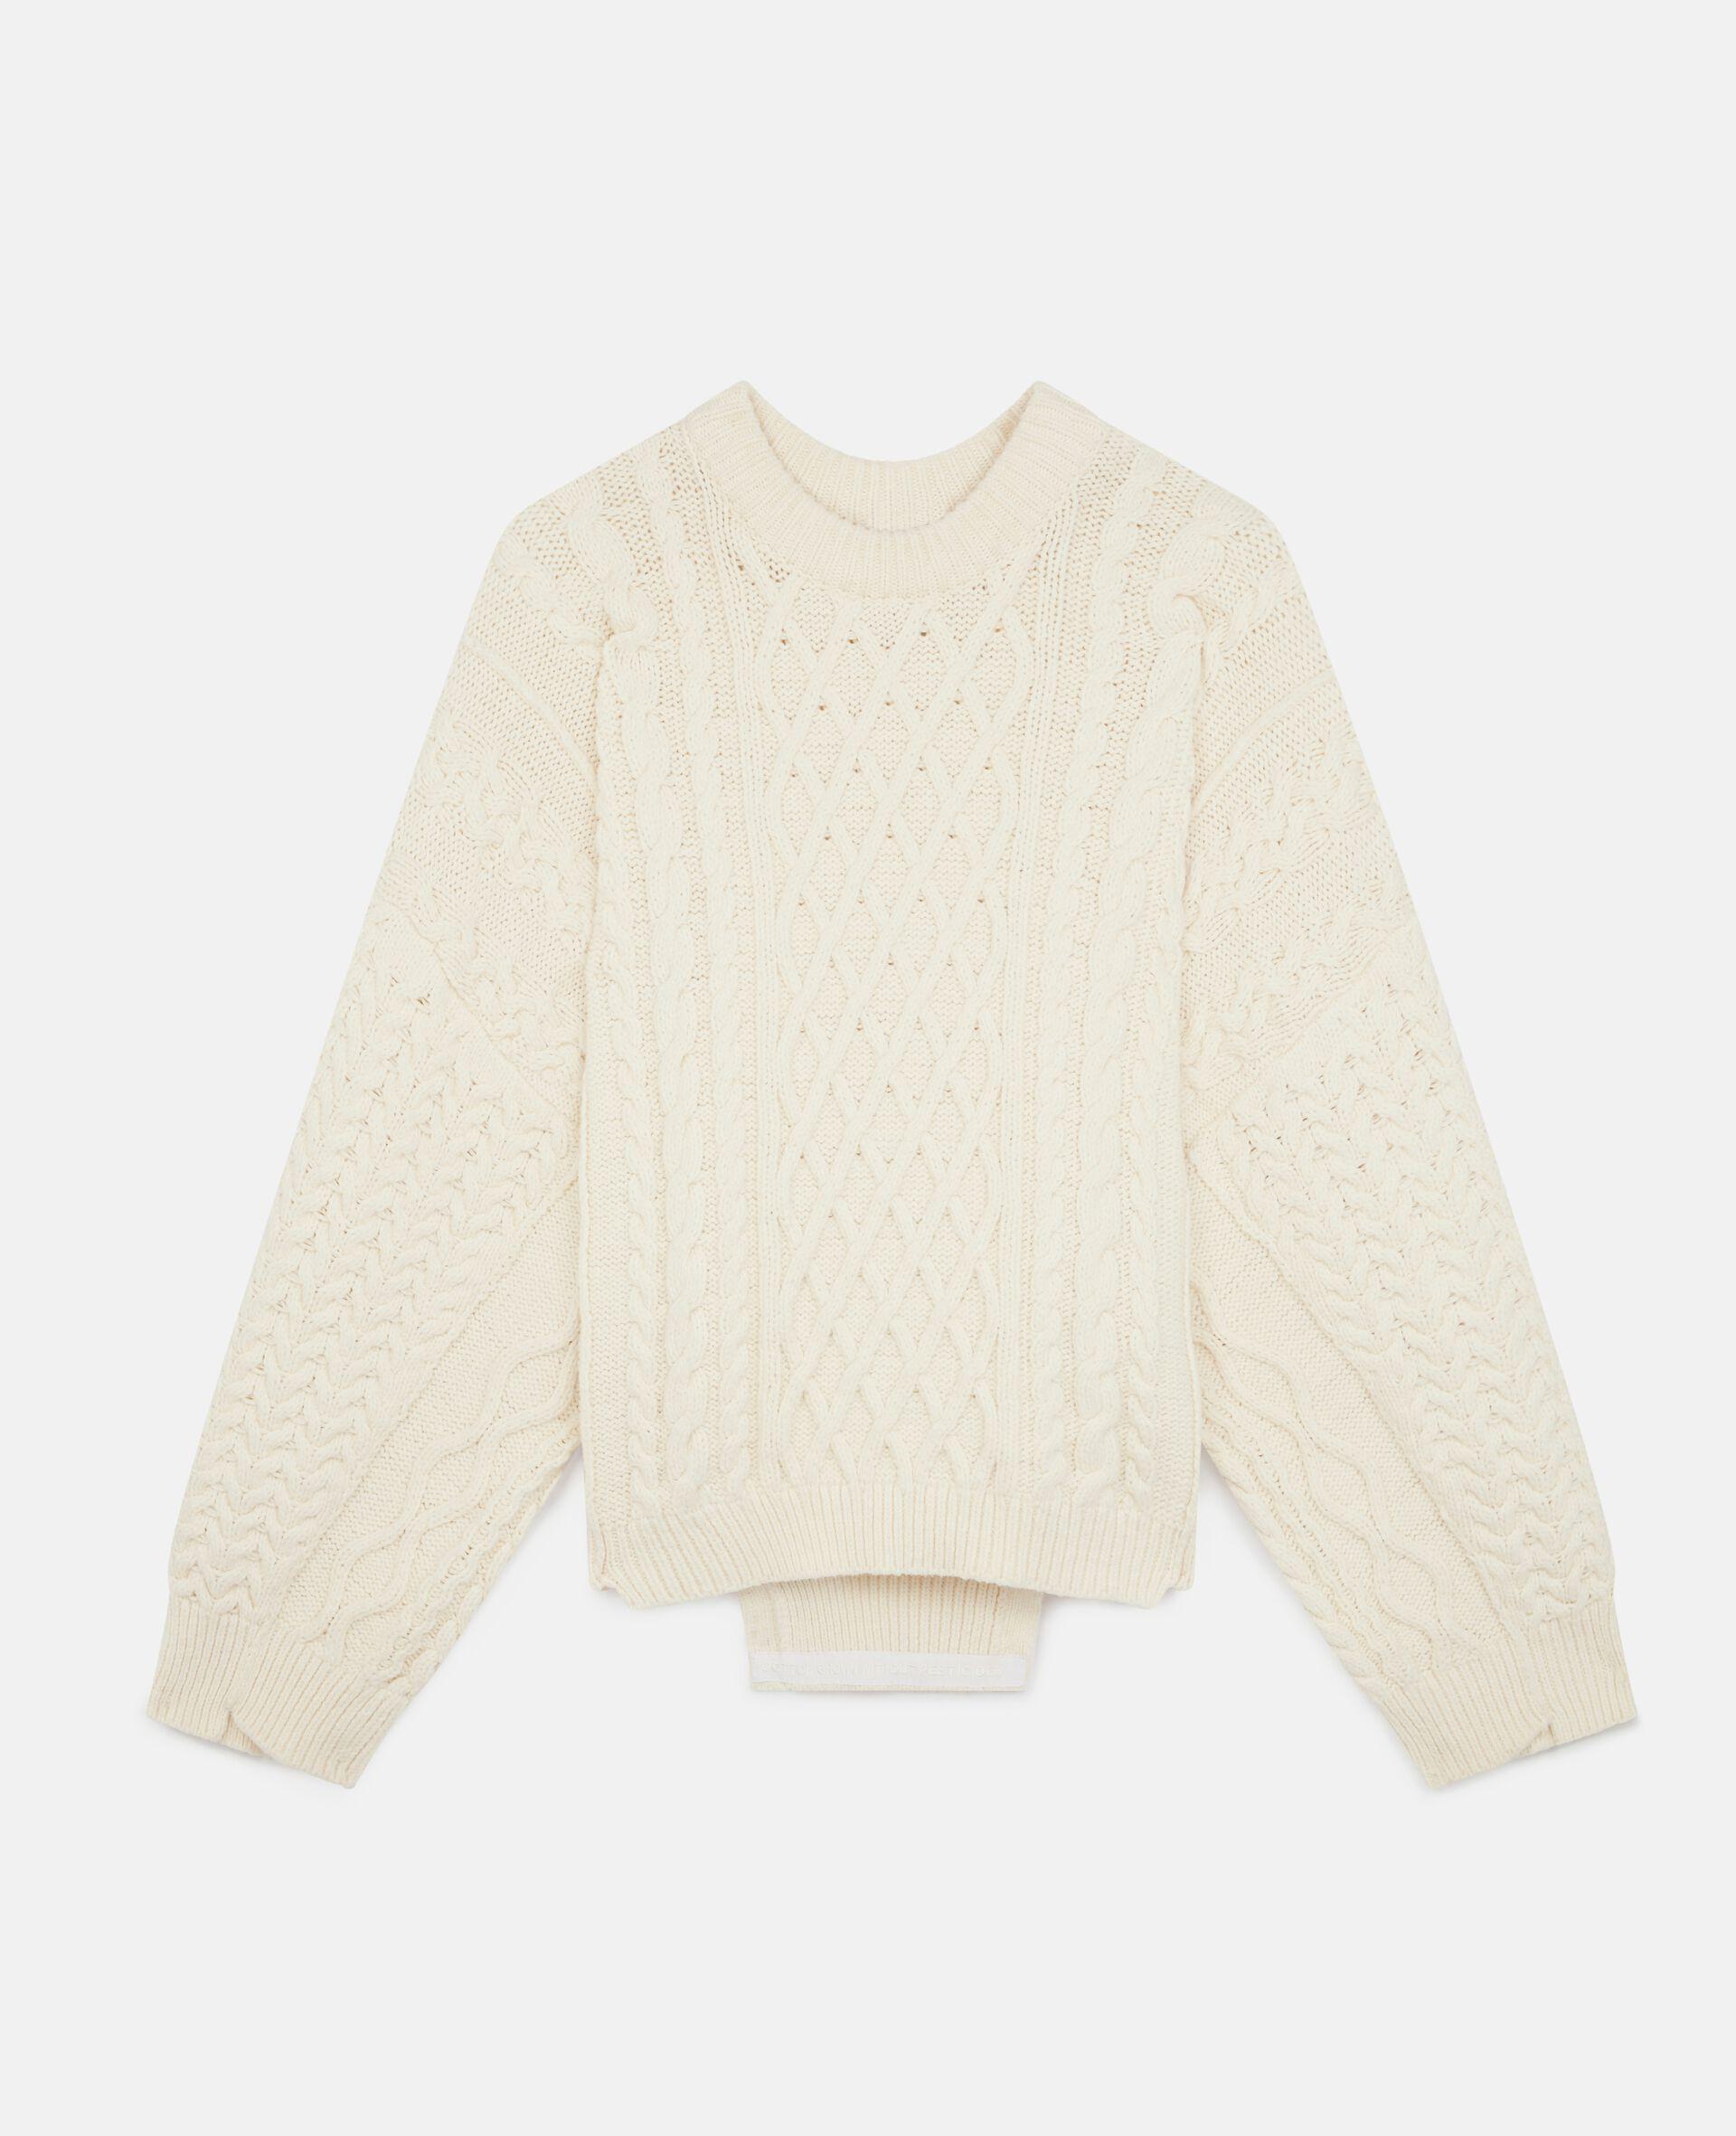 Aran Stitch Oversized Sweater-White-large image number 0